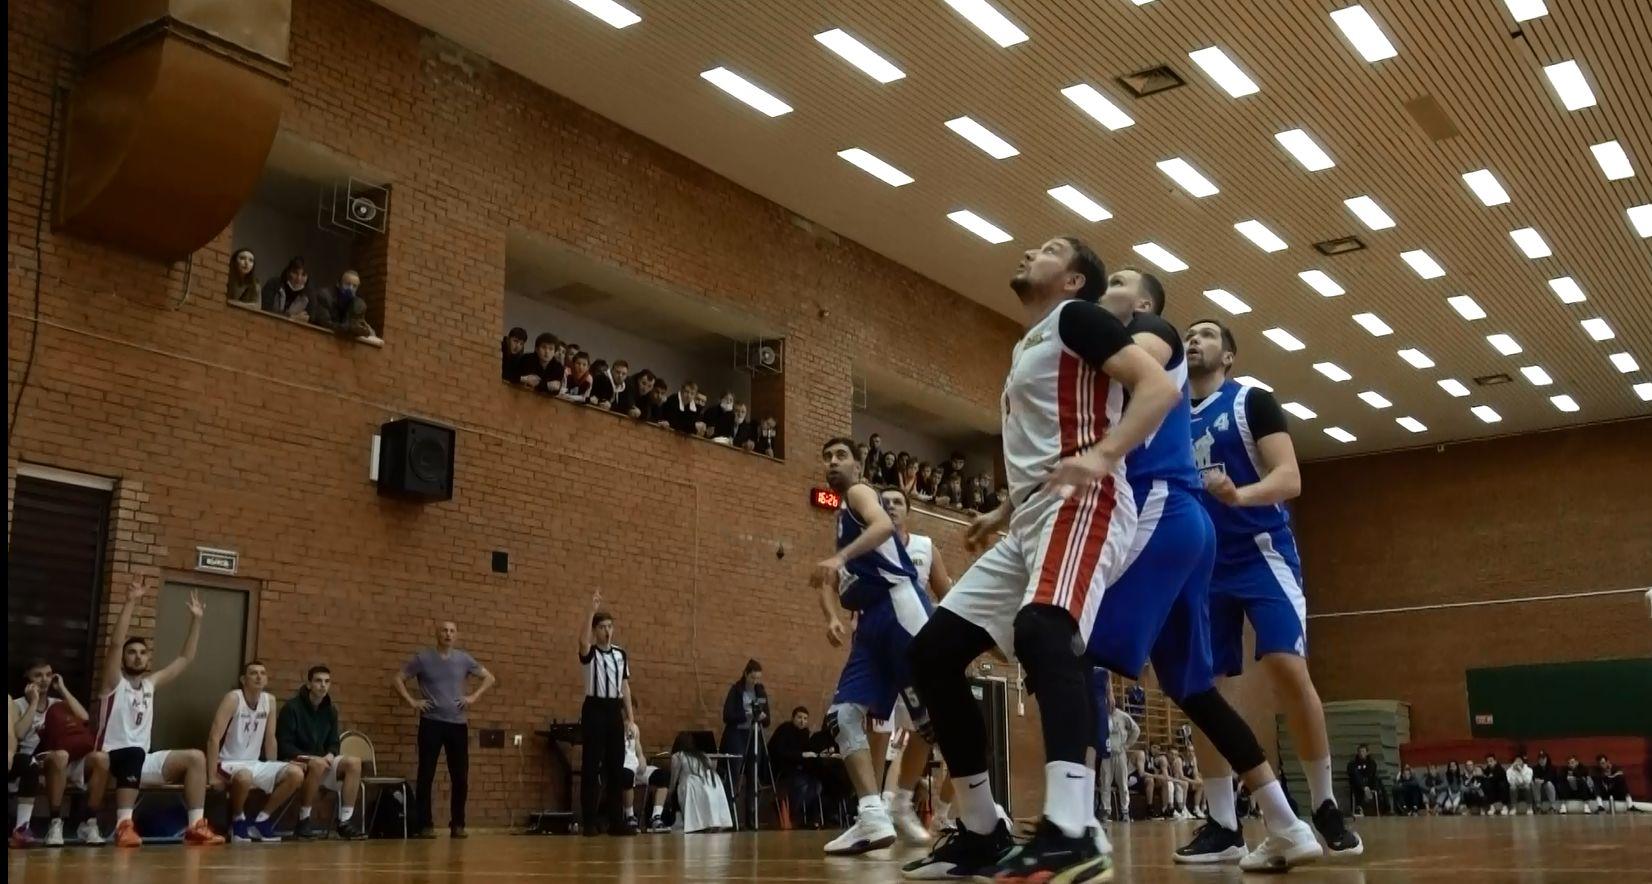 Новый сезон баскетбольной Лиги Золотого кольца стартовал в Ярославле